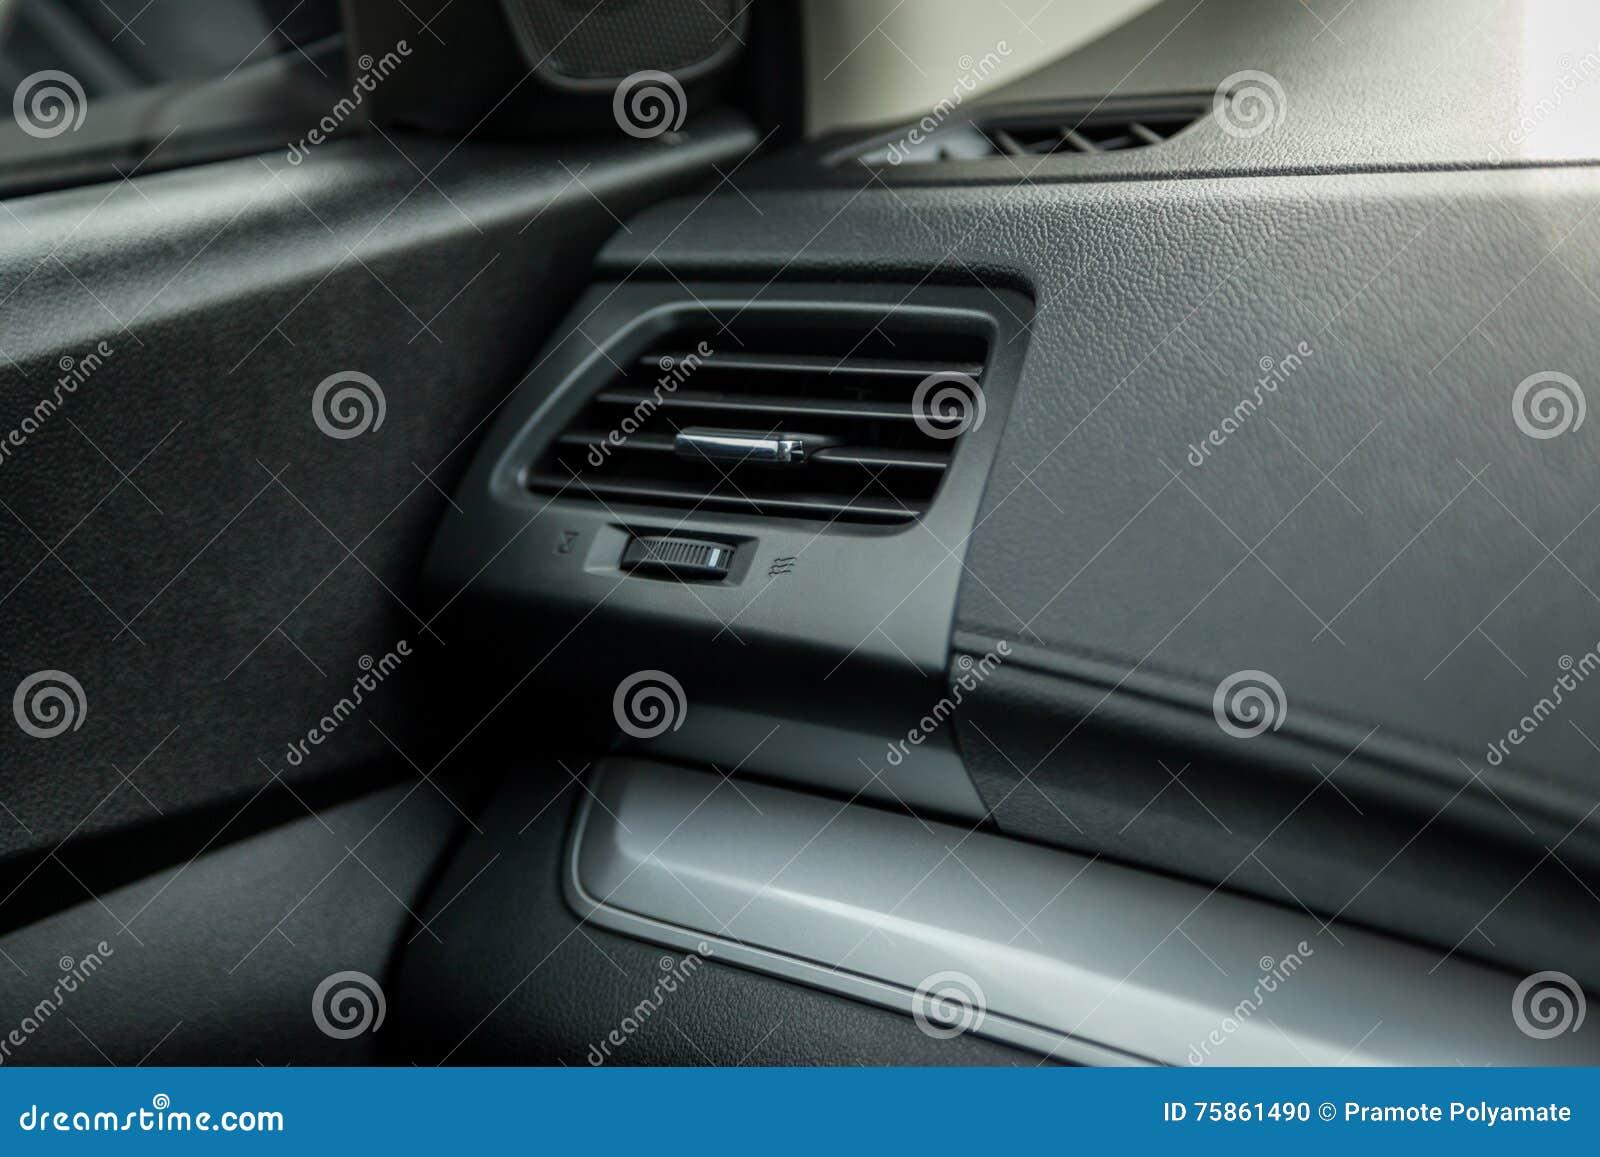 Car interior wheel controls and Air Car